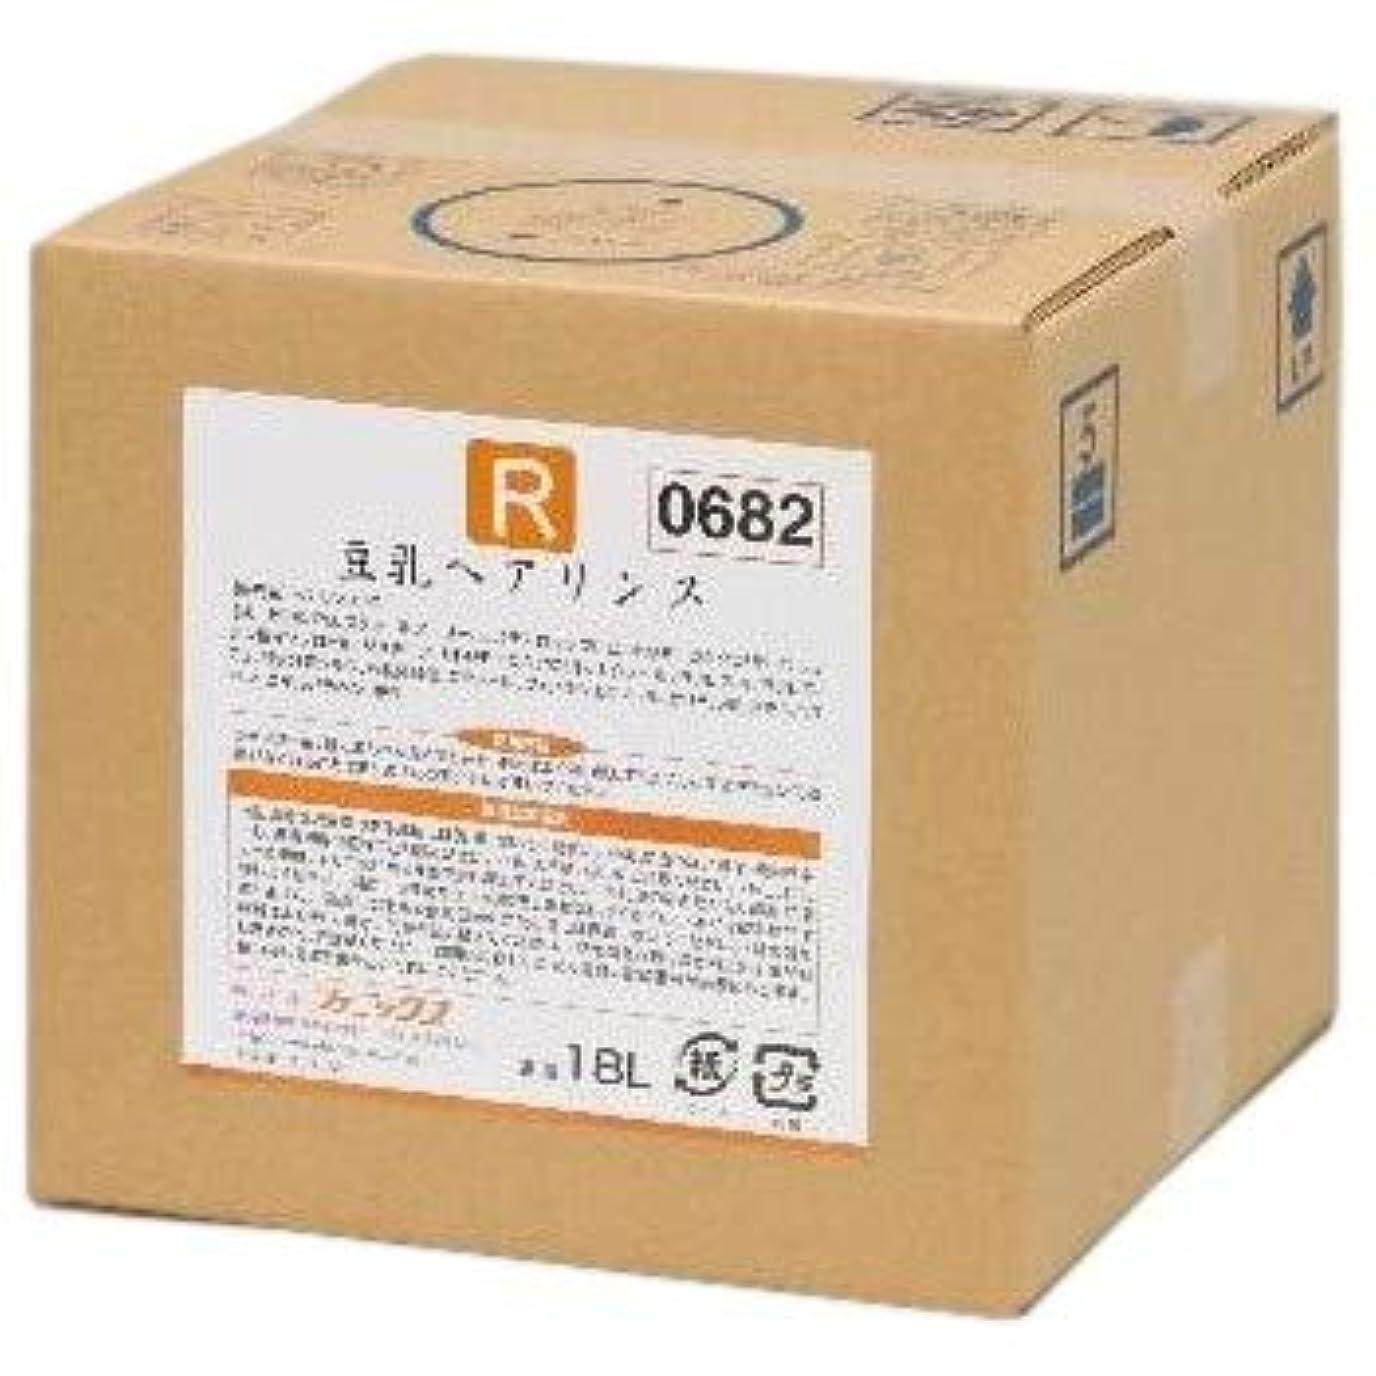 同化するプログレッシブ項目豆乳ヘアリンス 18L 1個